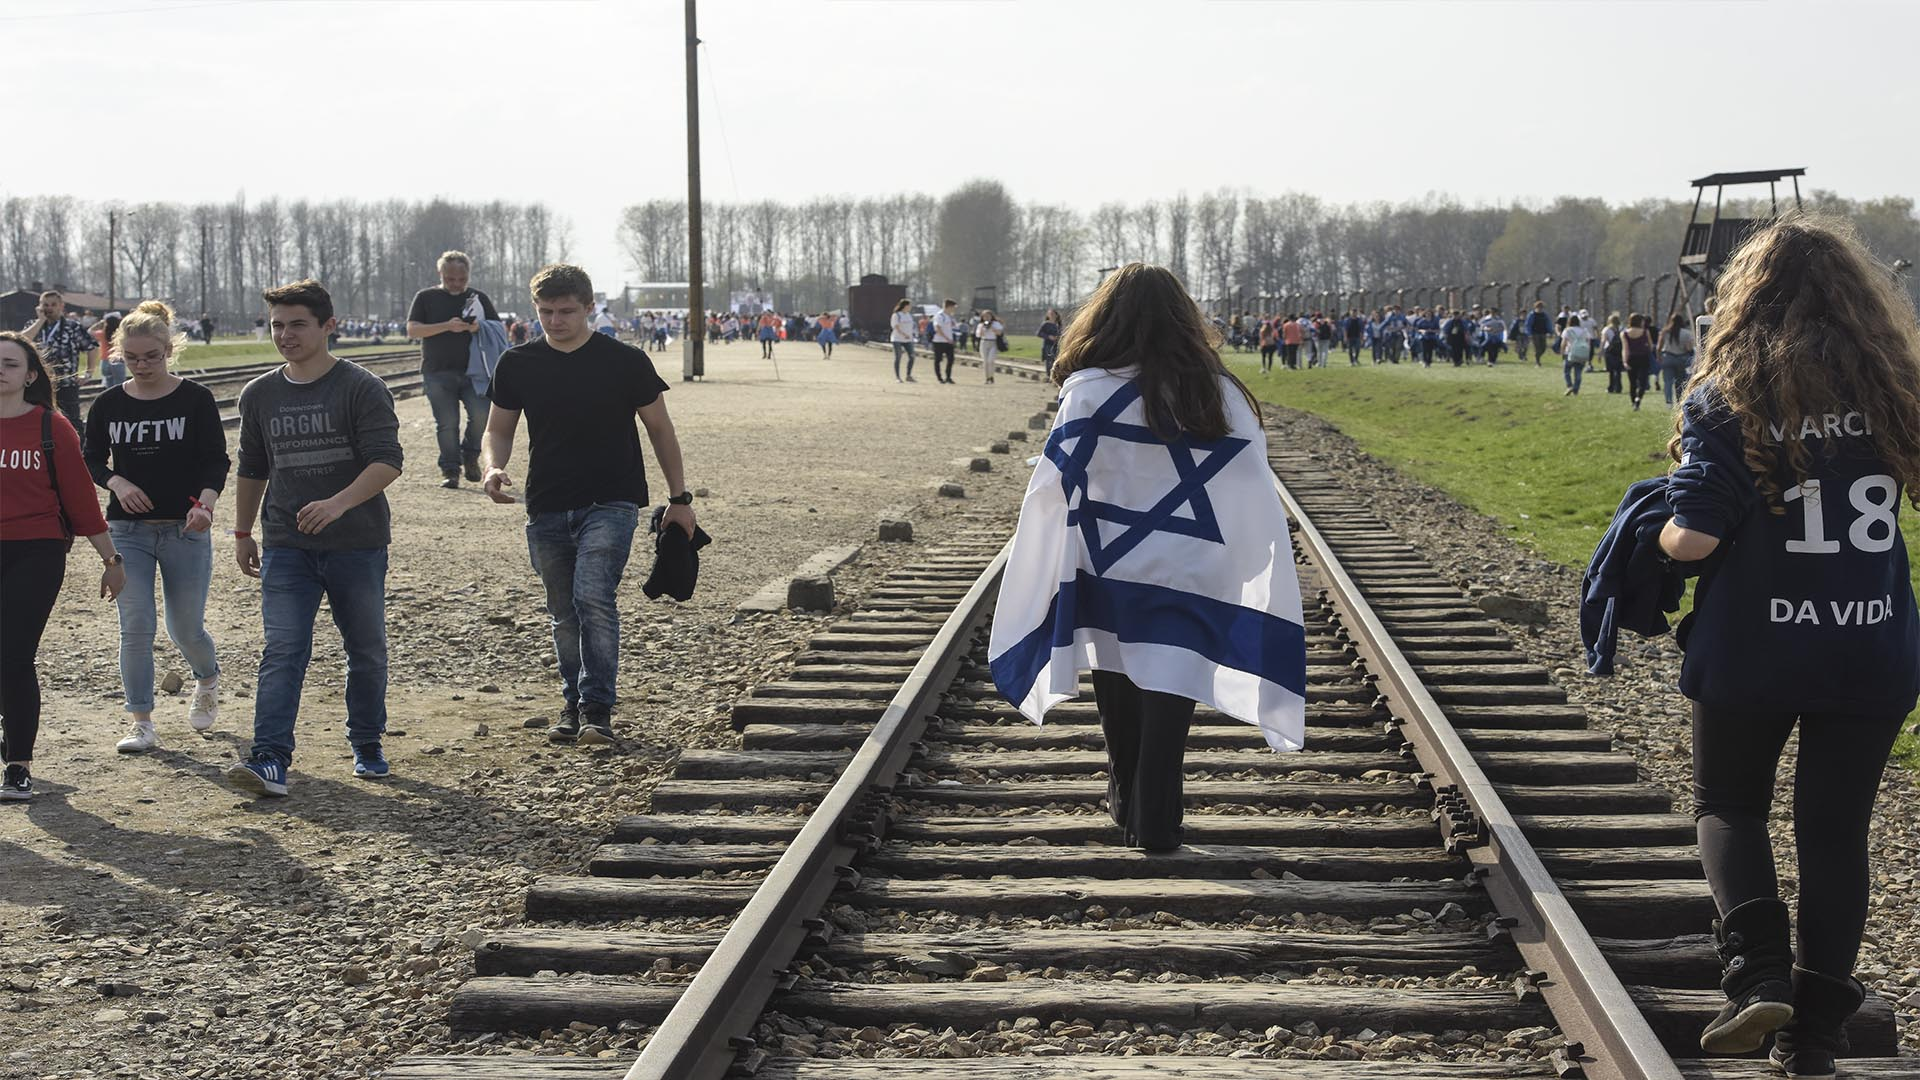 El 12 de abril marcharon de Auschwitz a Birkenau 13 mil personas de 52 países (Foto: Victoria Bornaz)